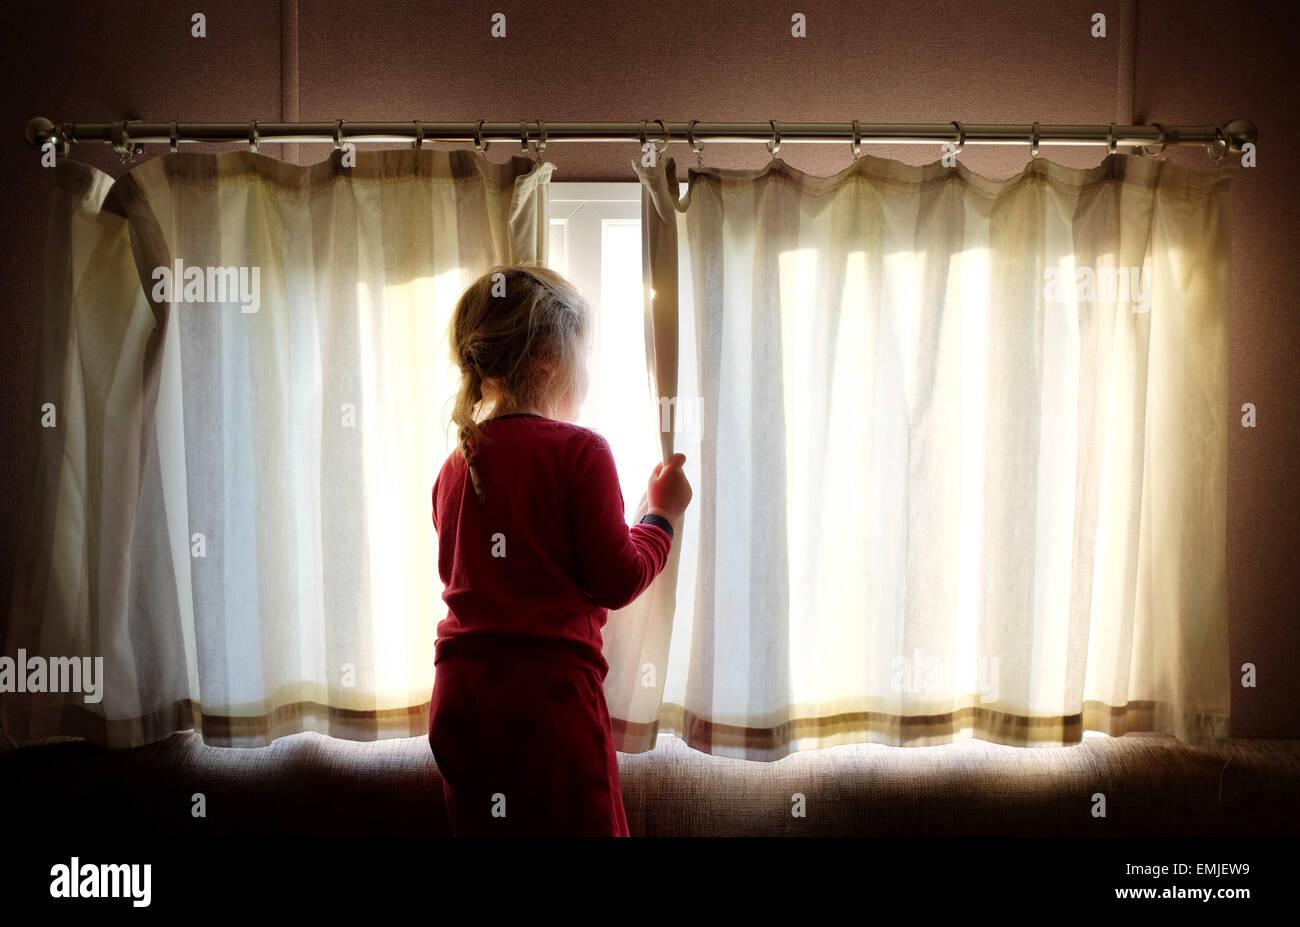 Una sonnolenta giovane ragazza in pigiama apre le tende a guardare fuori dalla finestra all'inizio di un nuovo giorno Foto Stock